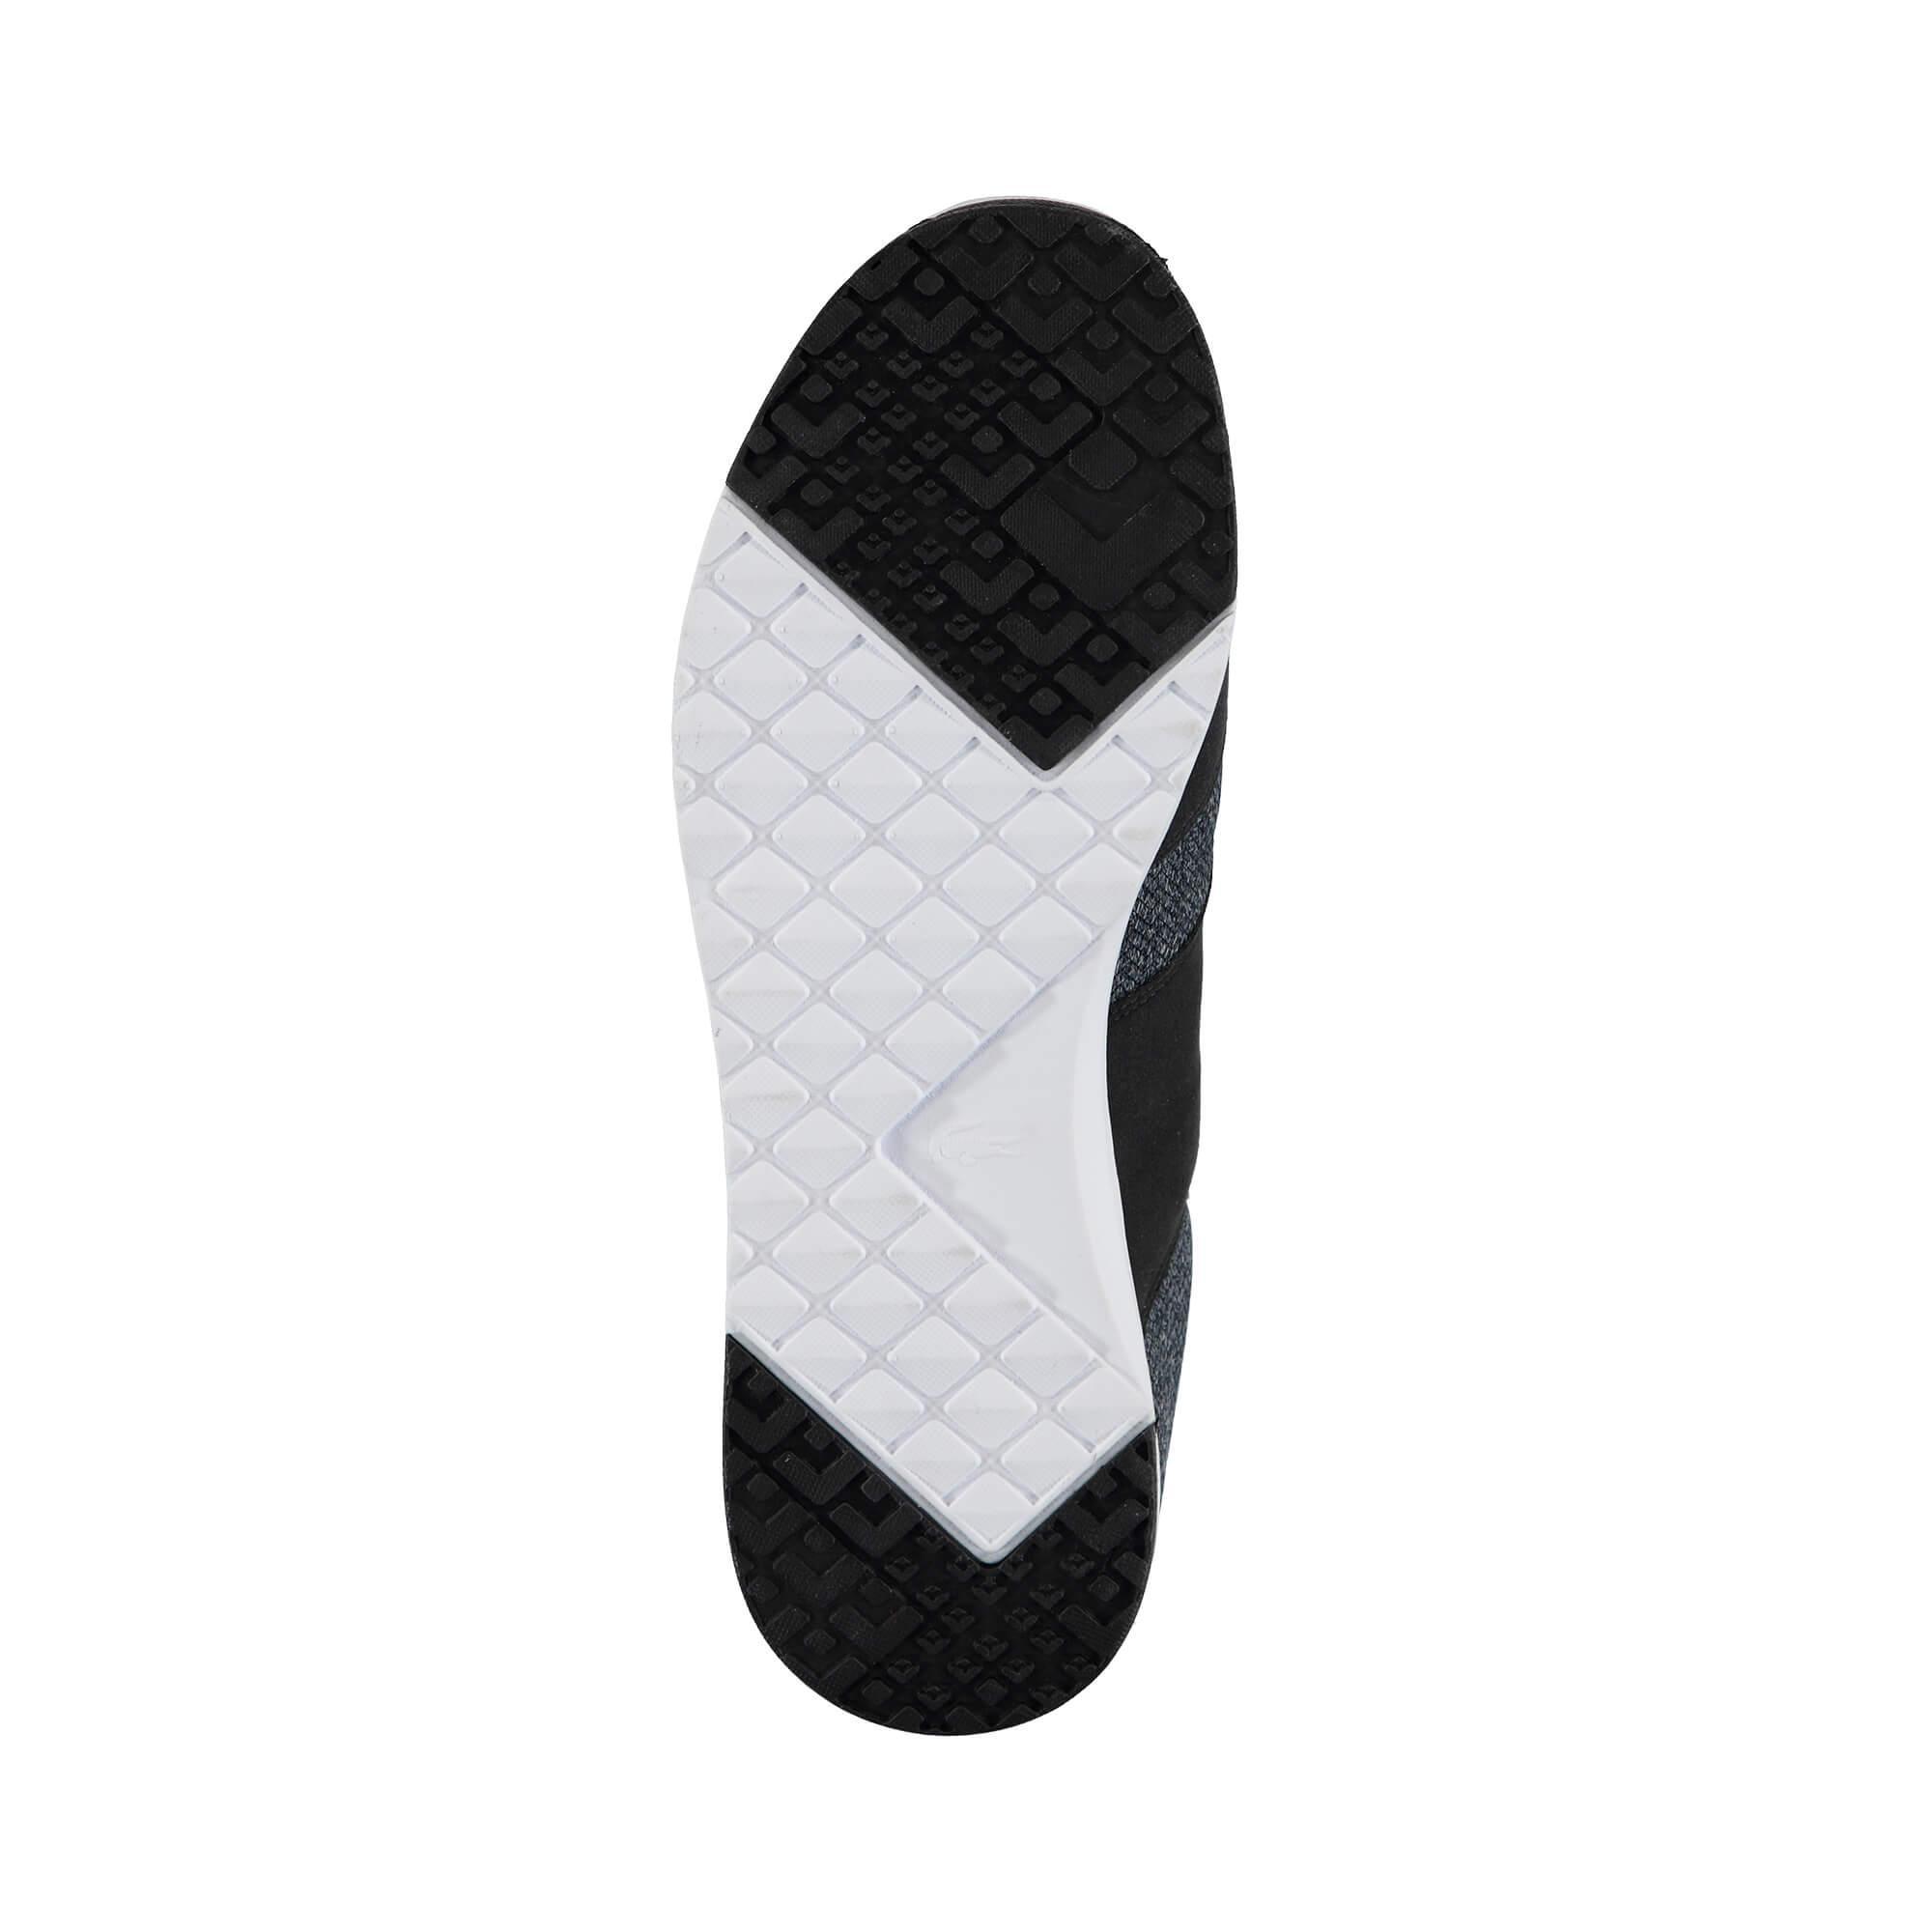 Lacoste Erkek Light 318 3 Siyah Spor Ayakkabı